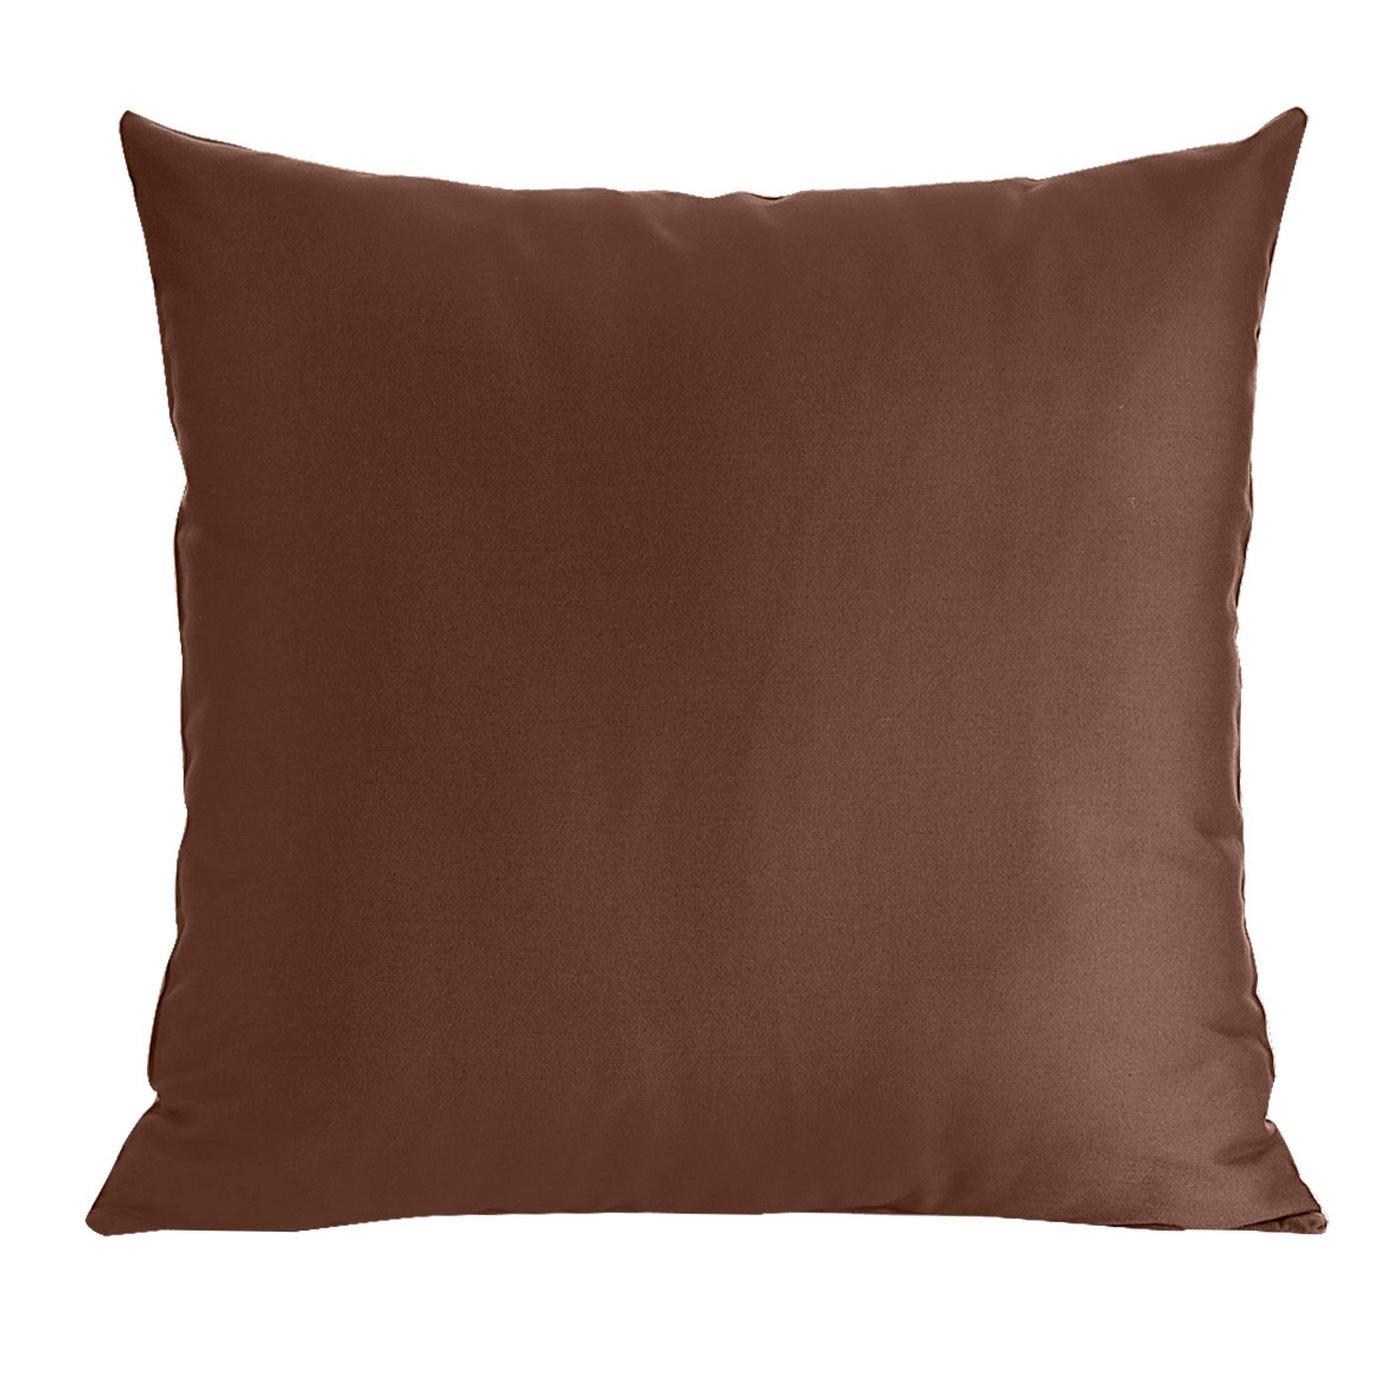 Poszewka na poduszkę brązowa gładka 40 x 40 cm